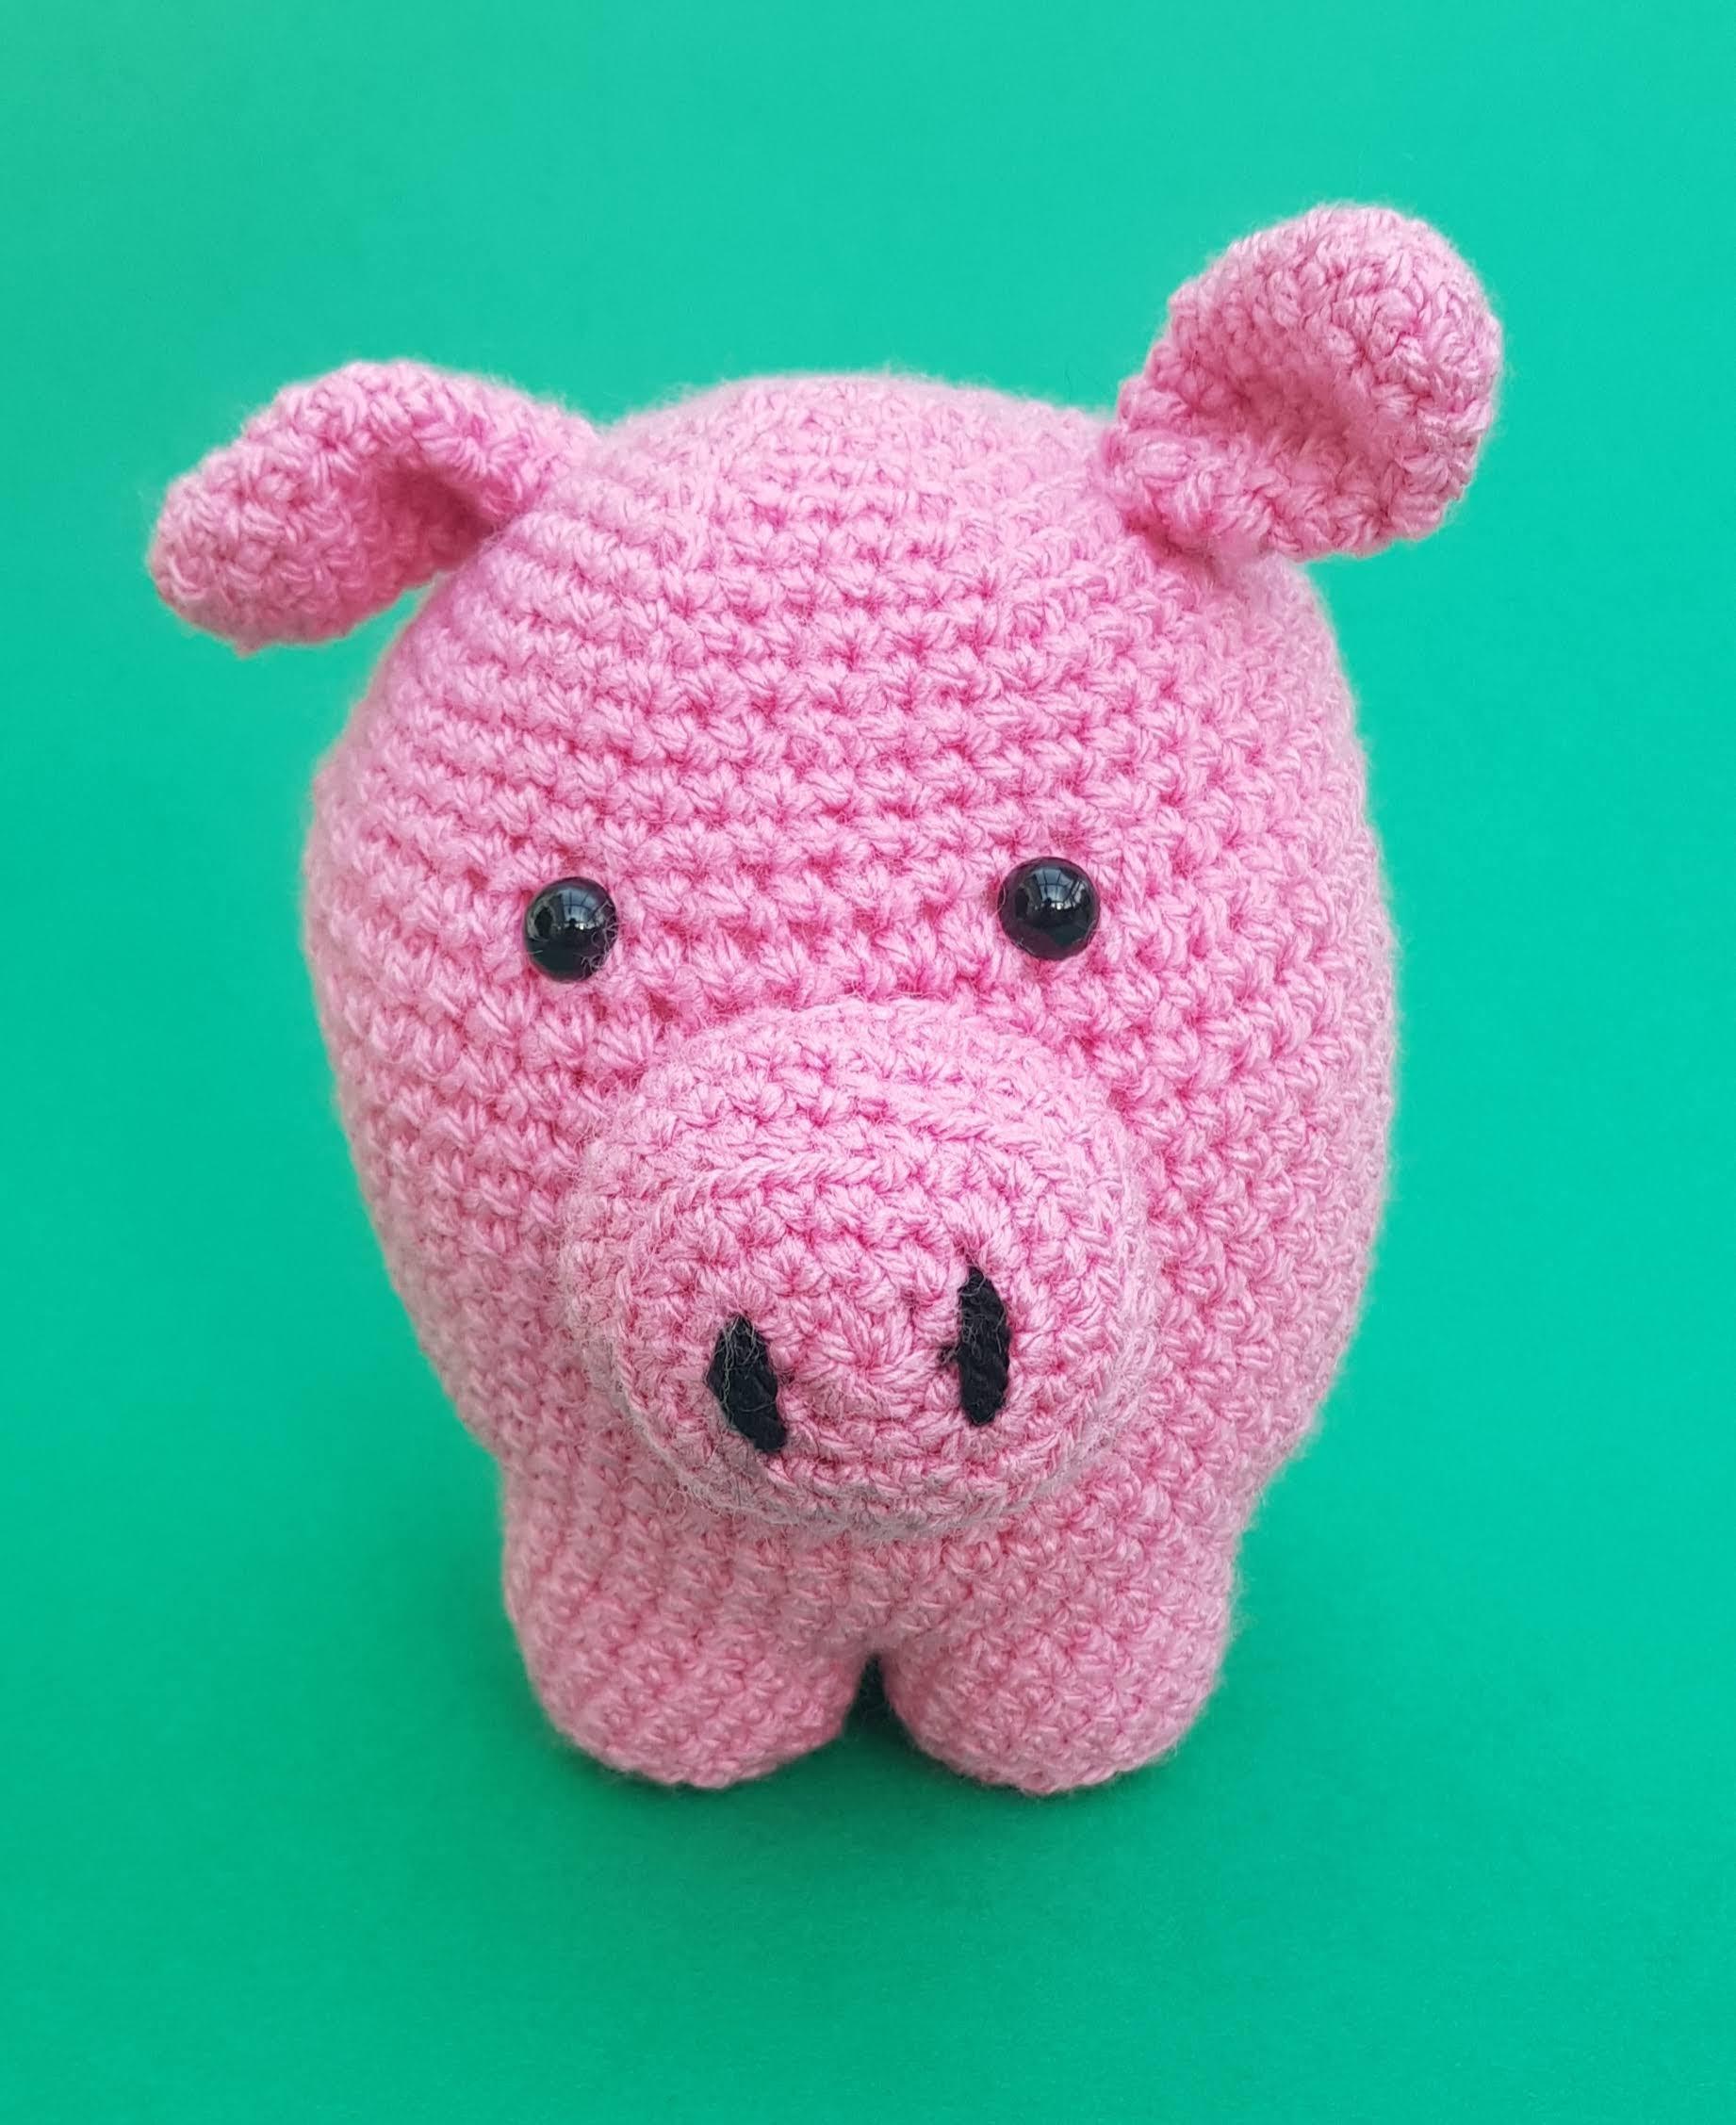 Schwein – Pig Häkeln. Amigurumi Anleitung. Als Video und ... | 2255x1842